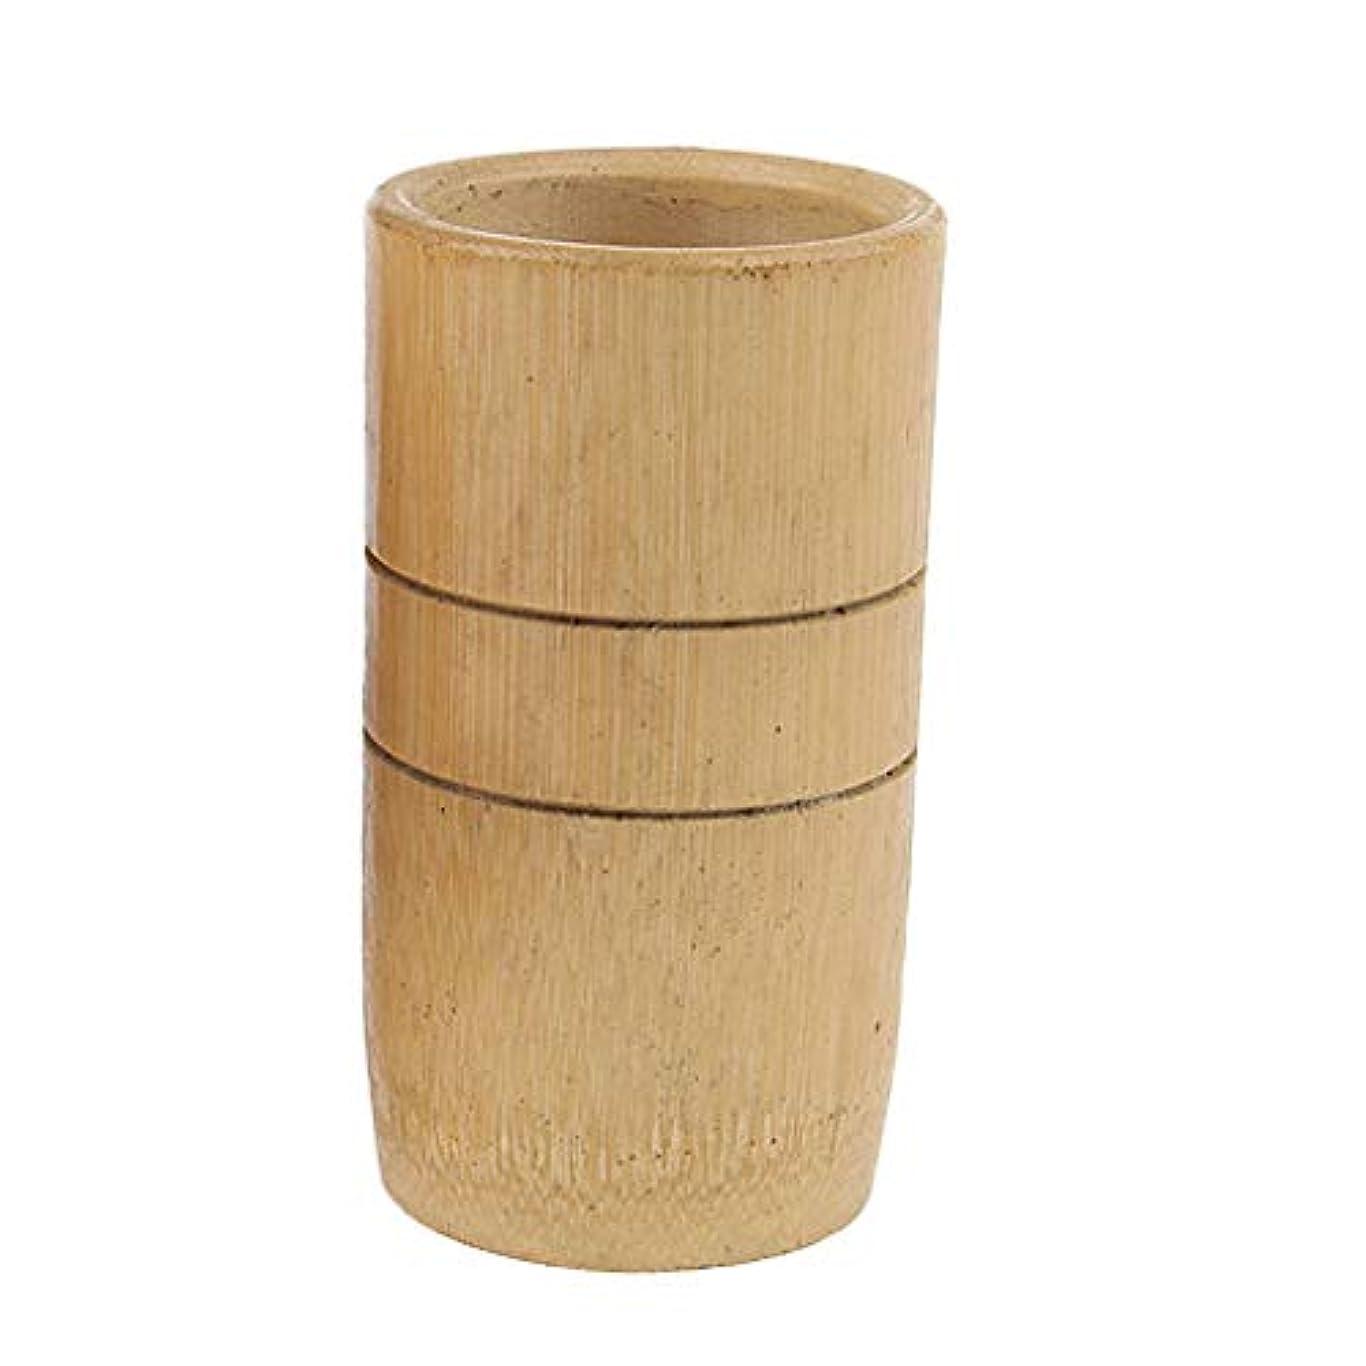 いらいらさせる作成者恐怖症sharprepublic マッサージ吸い玉 カッピングカップ 天然竹製 サロン 家庭用 2個入